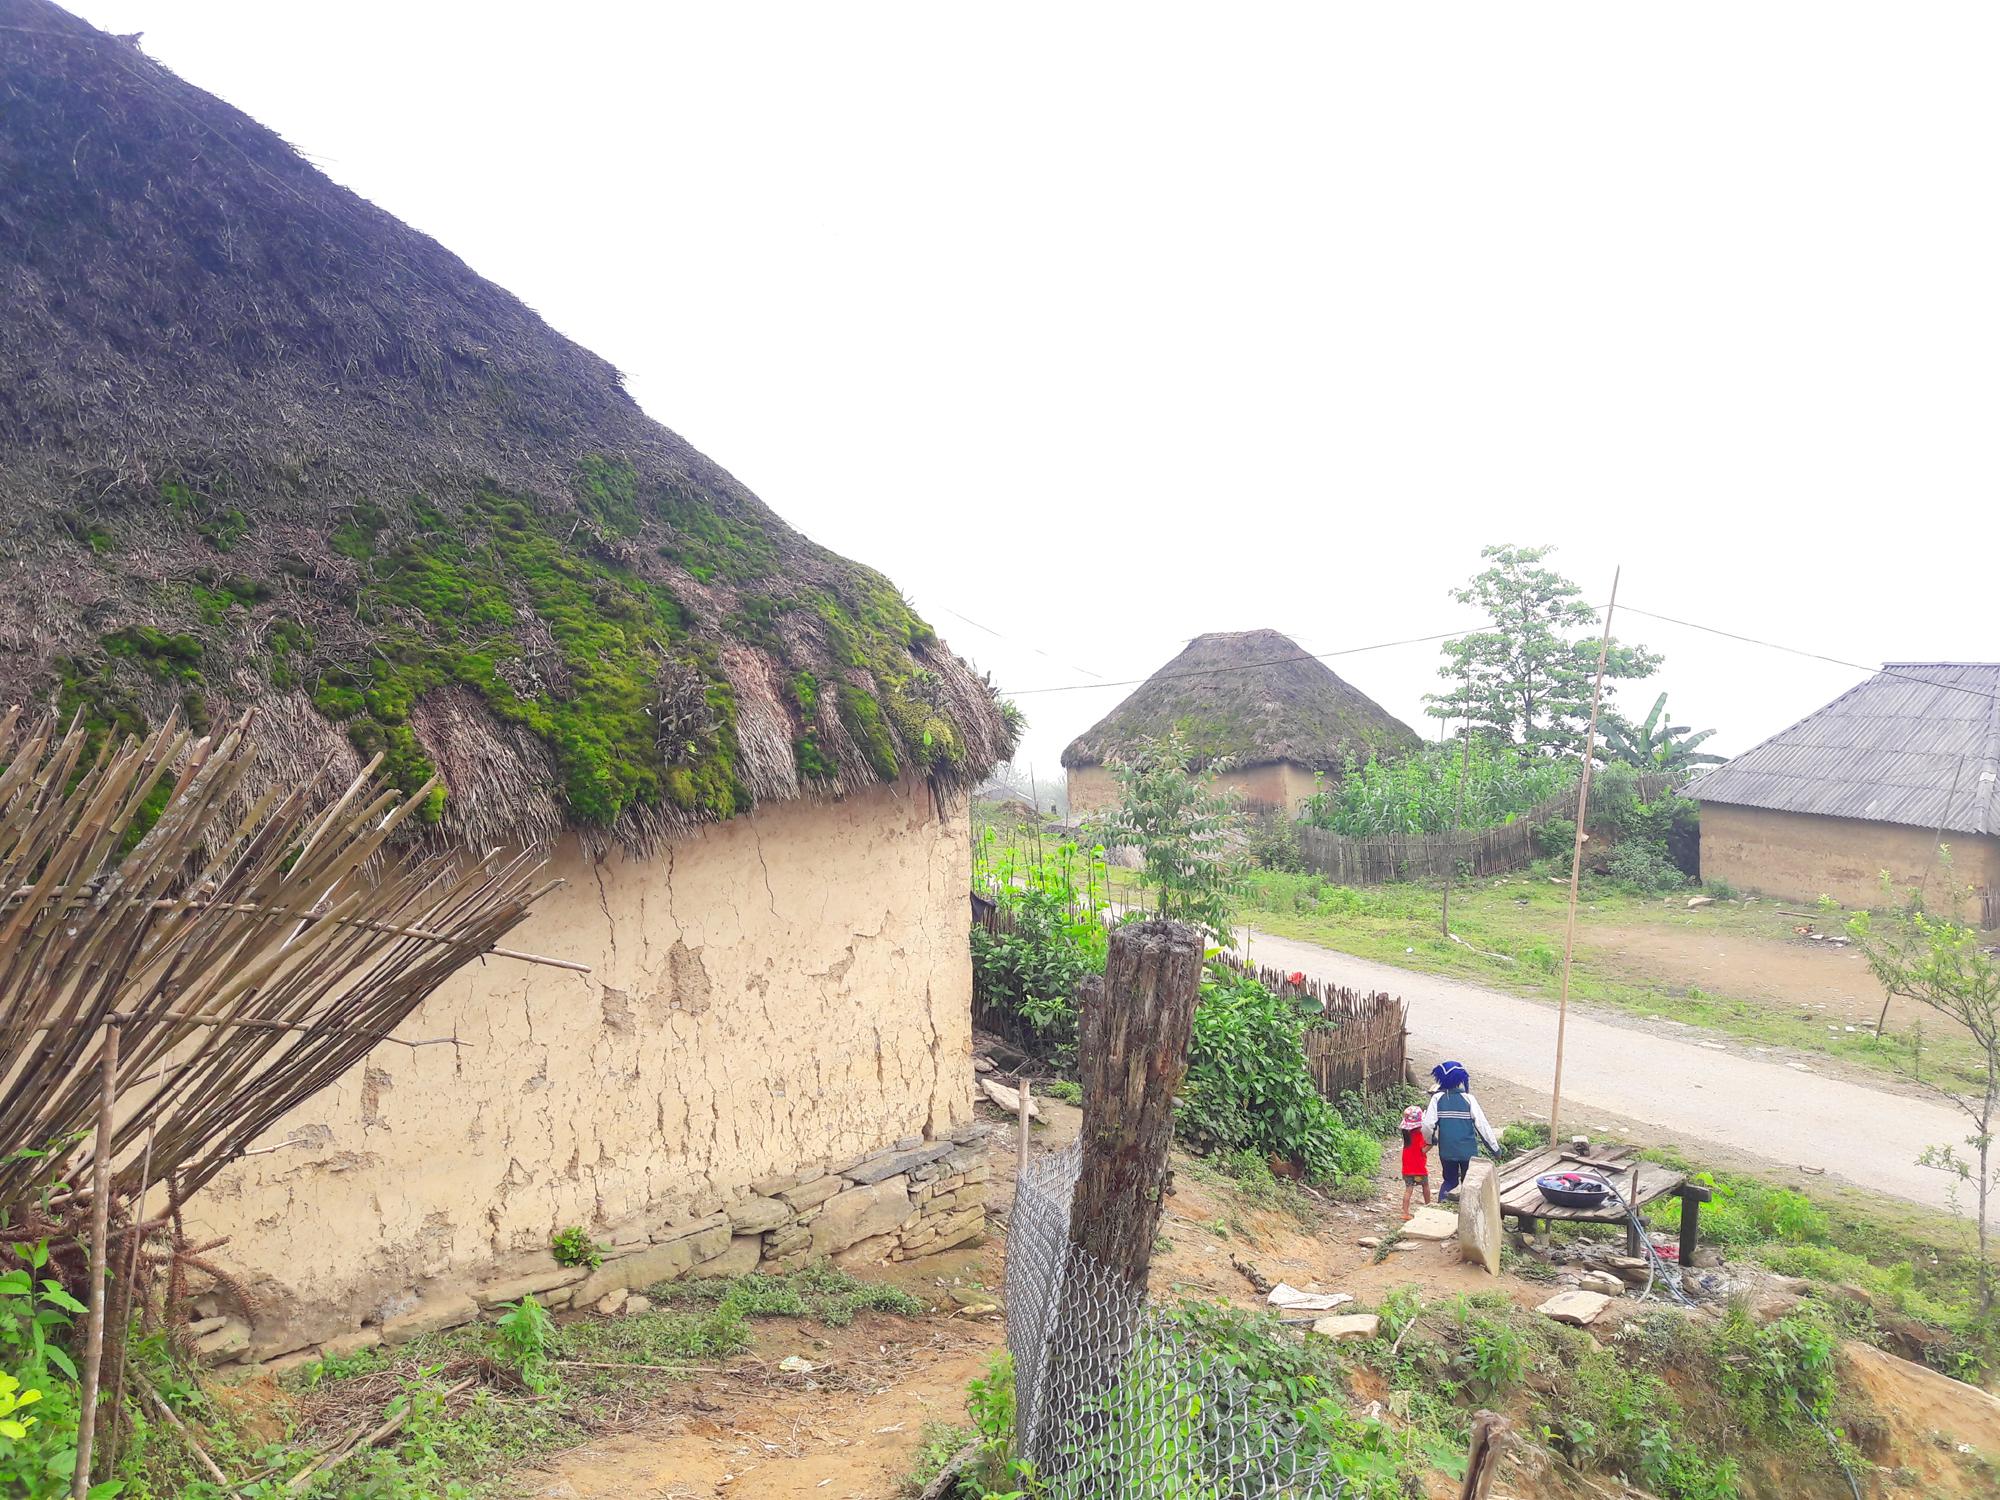 Làng như cổ tích có những ngôi nhà mái cỏ rêu xanh rì, đẹp xa xăm - Hình 1